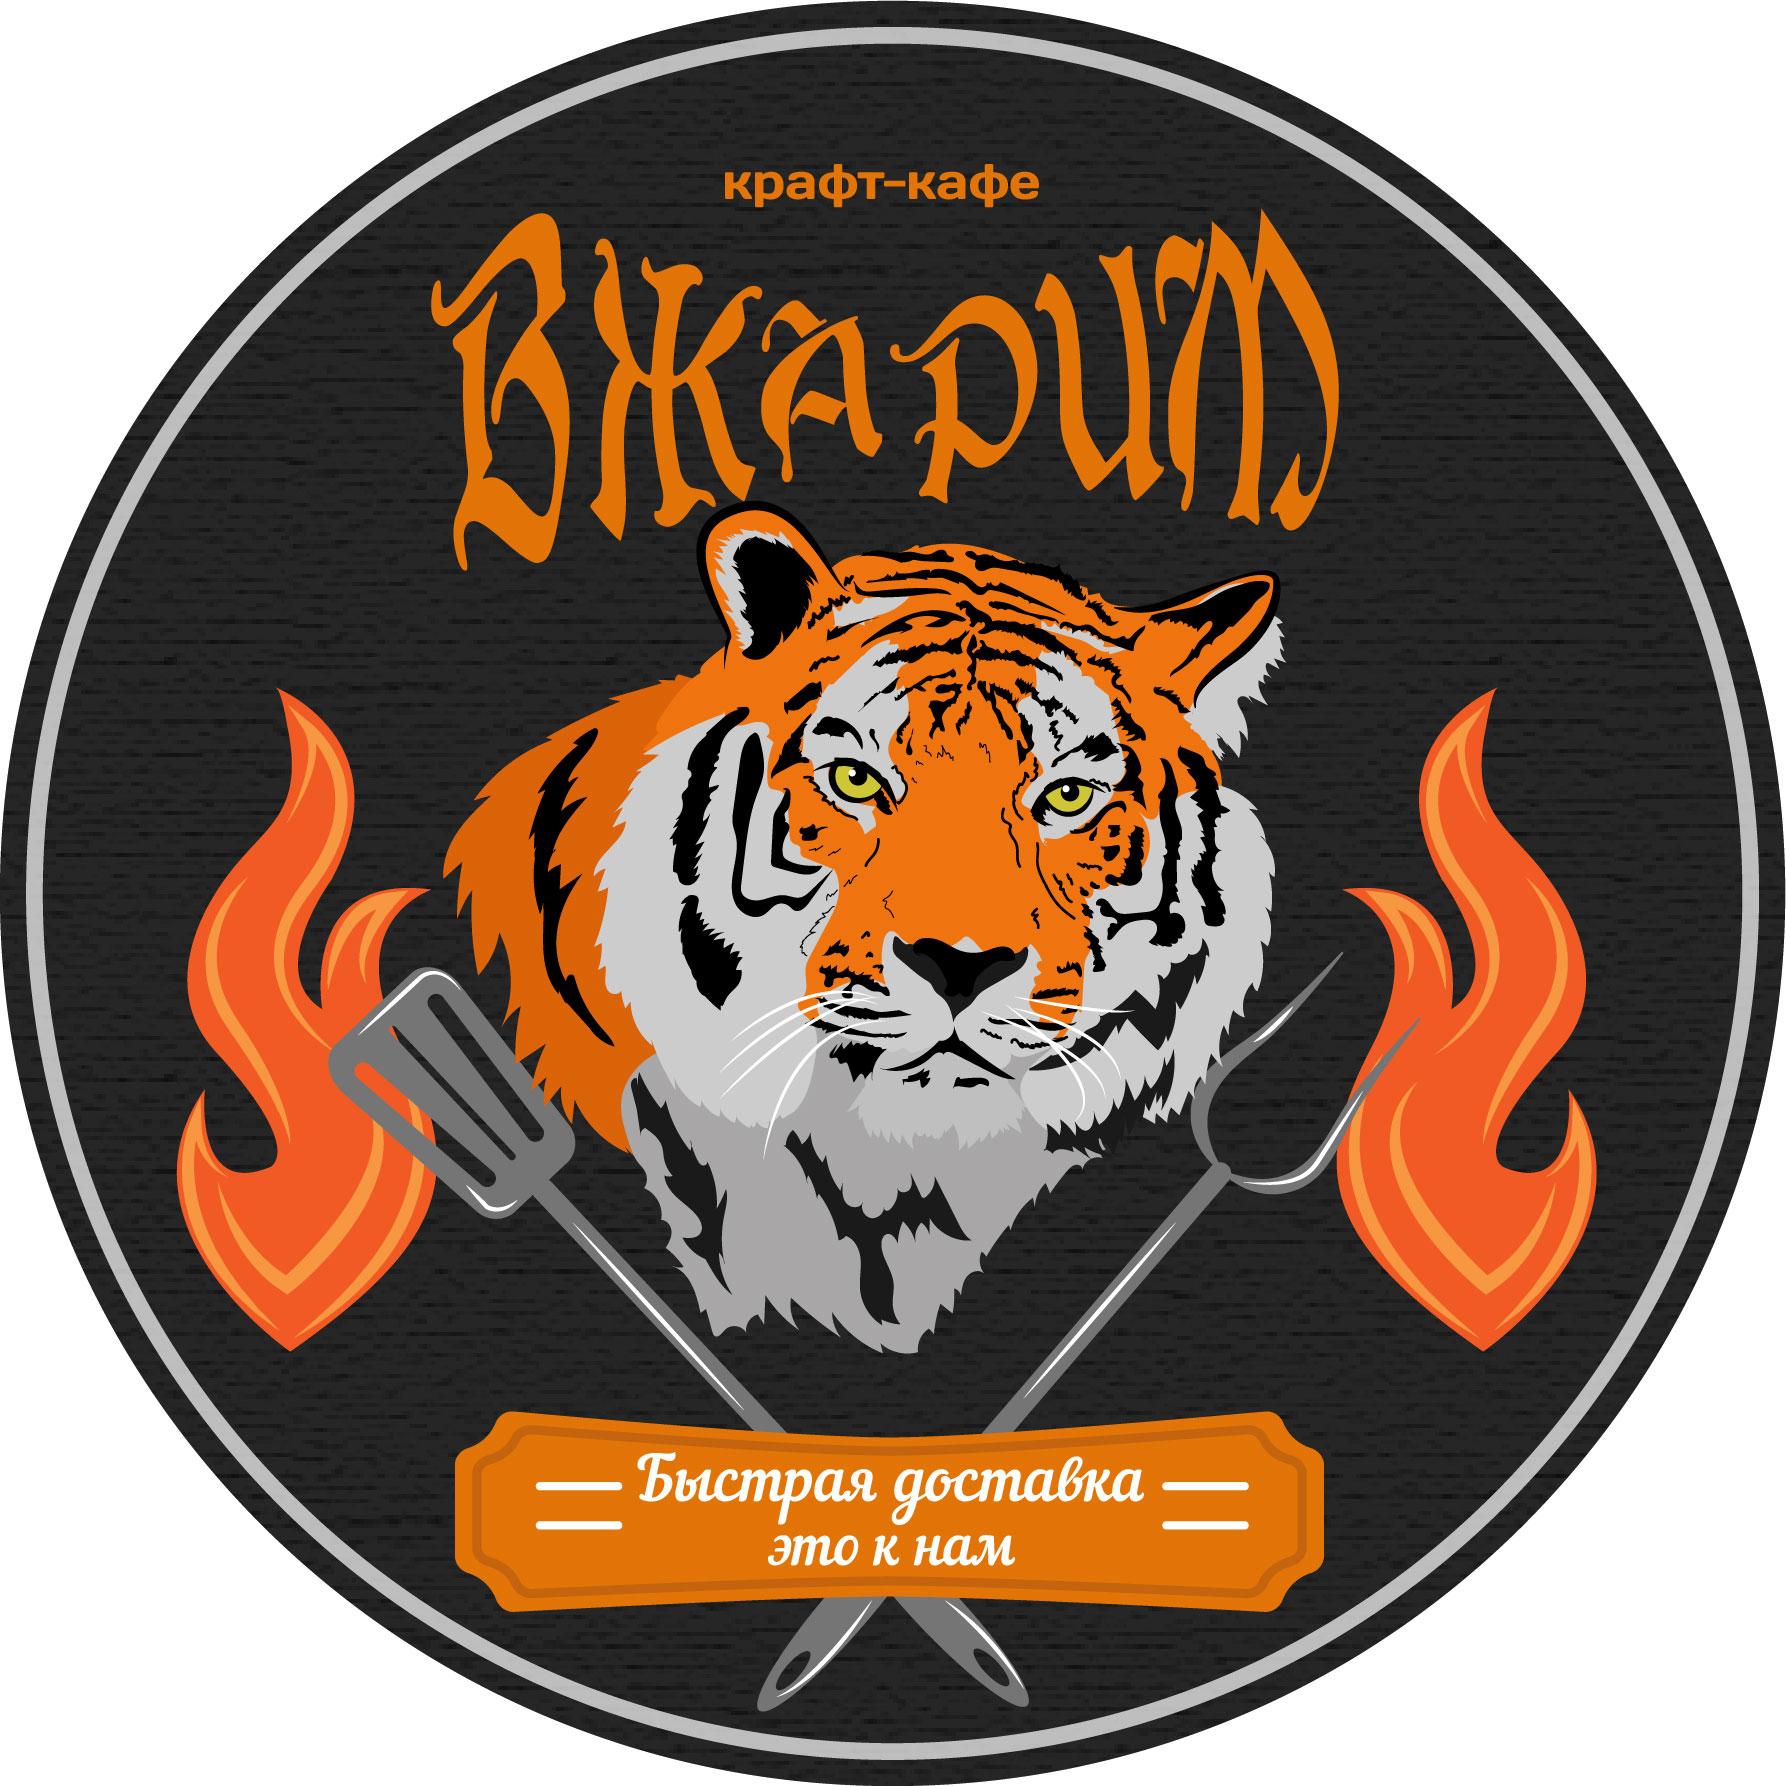 Требуется, разработка логотипа для крафт-кафе «ВЖАРИМ». фото f_68260145d63bdbf5.jpg